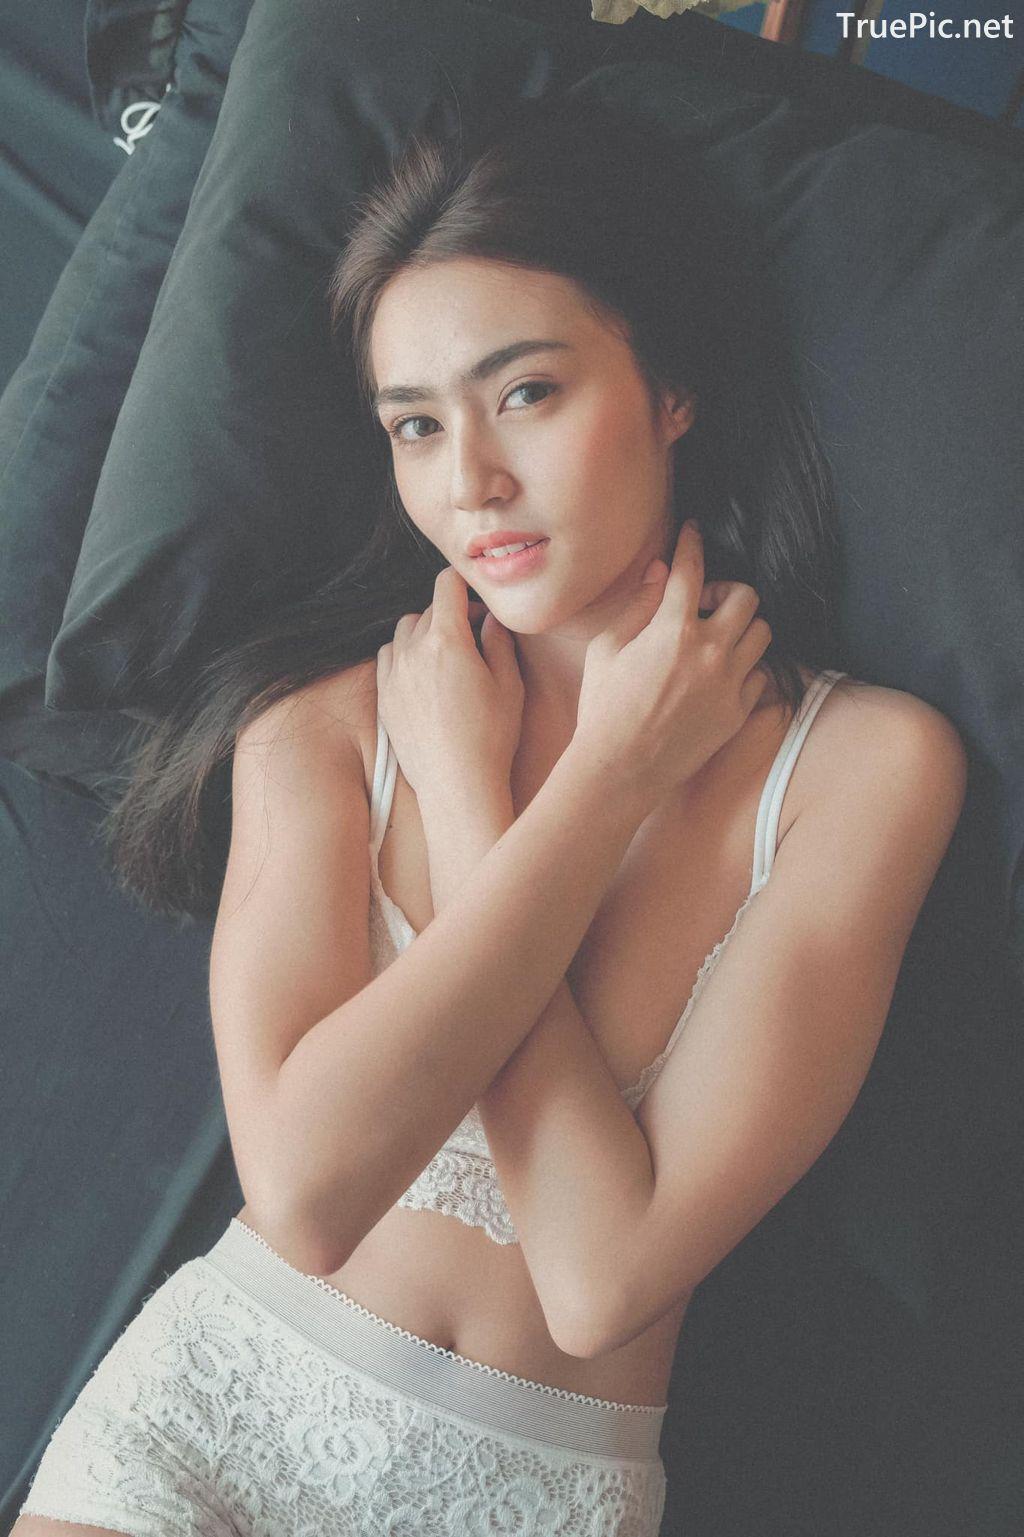 Image-Thailand-Model-Baifern-Rinrucha-Kamnark-White-Lingerie-TruePic.net- Picture-2